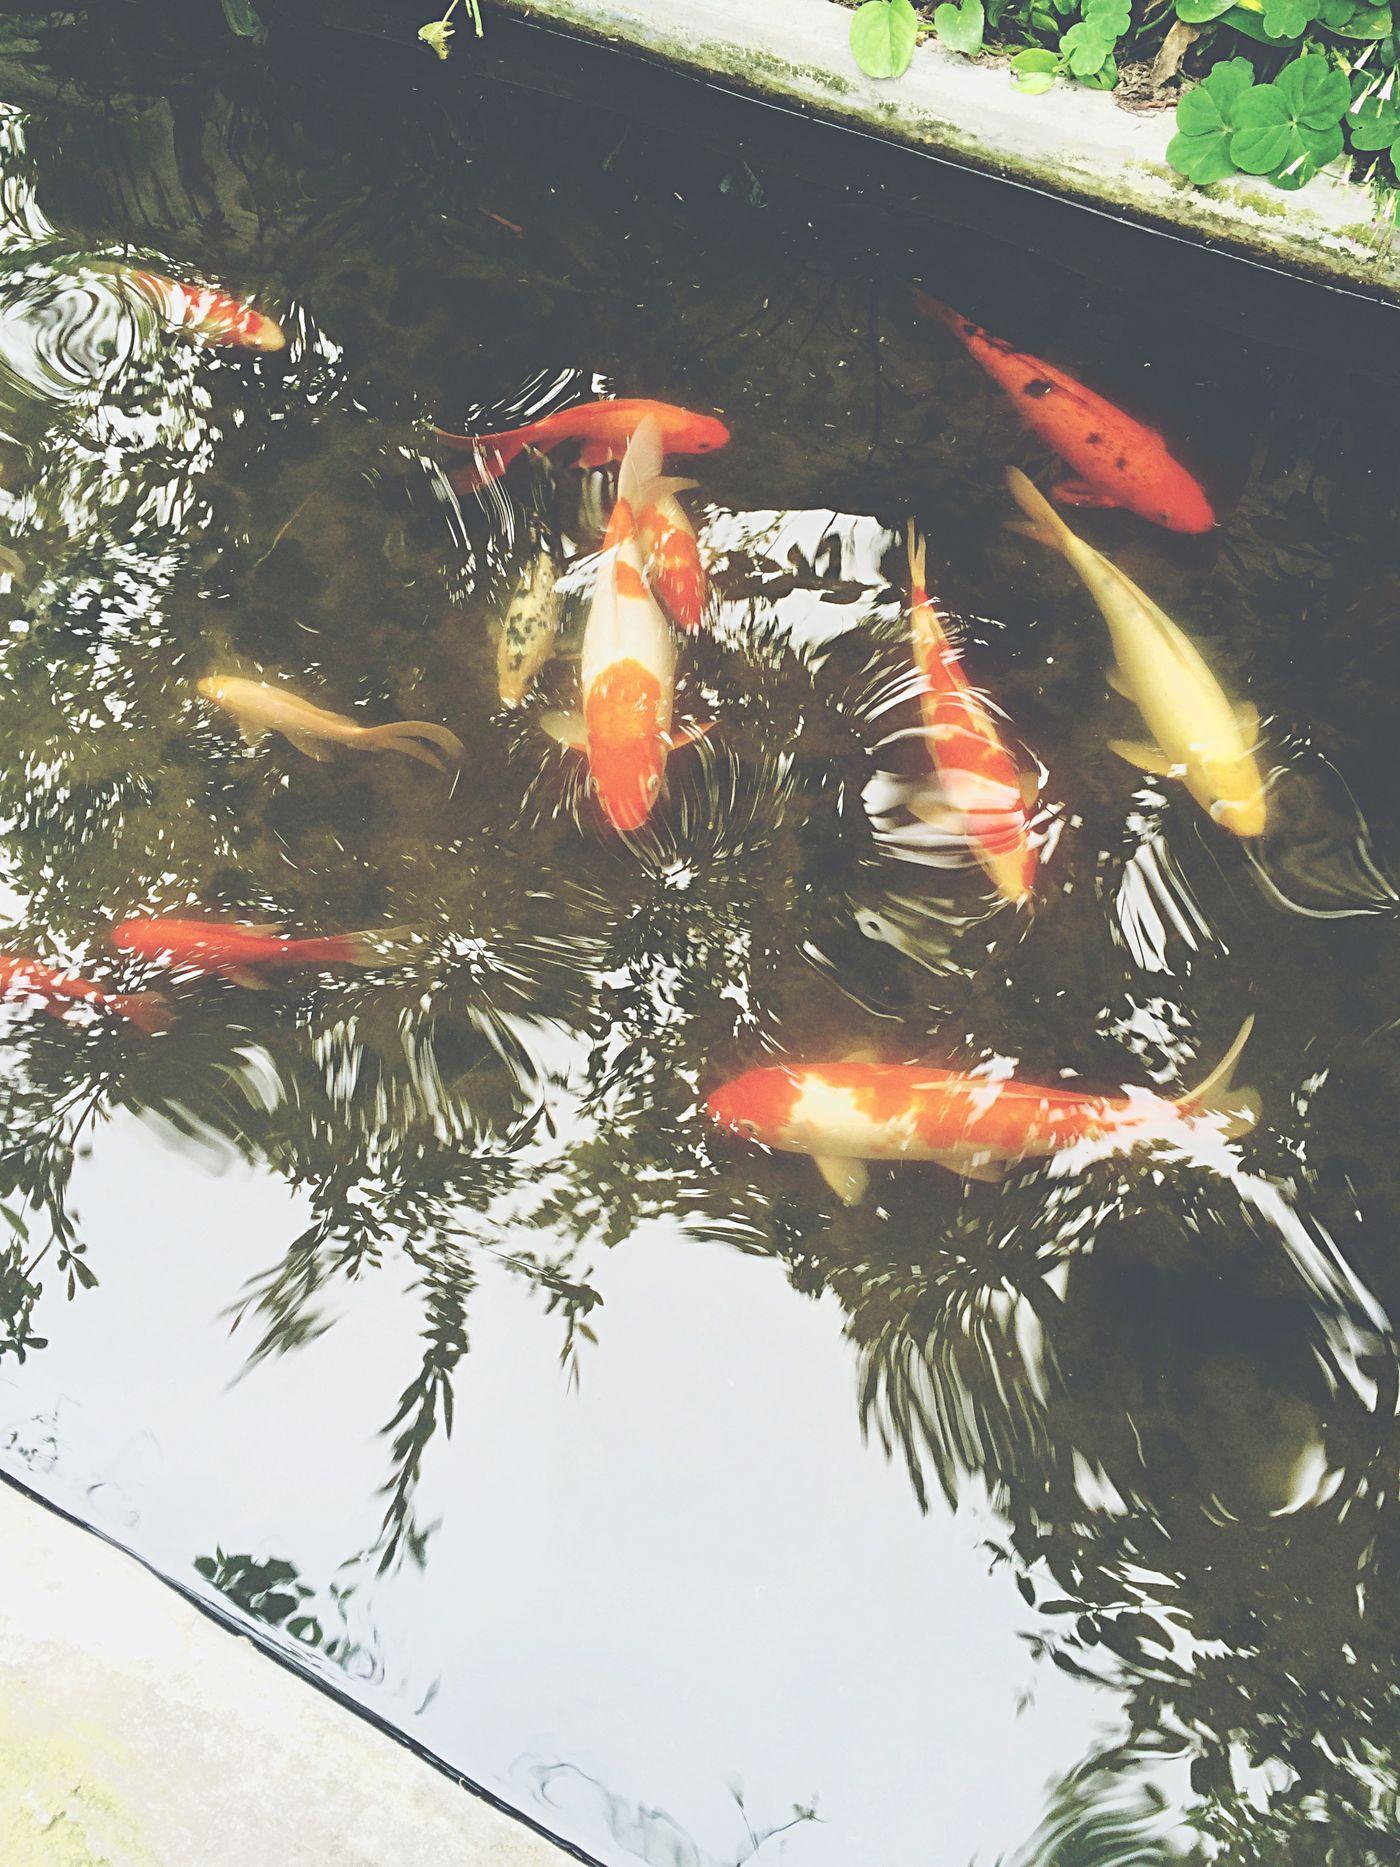 Fish Working Taking Photos